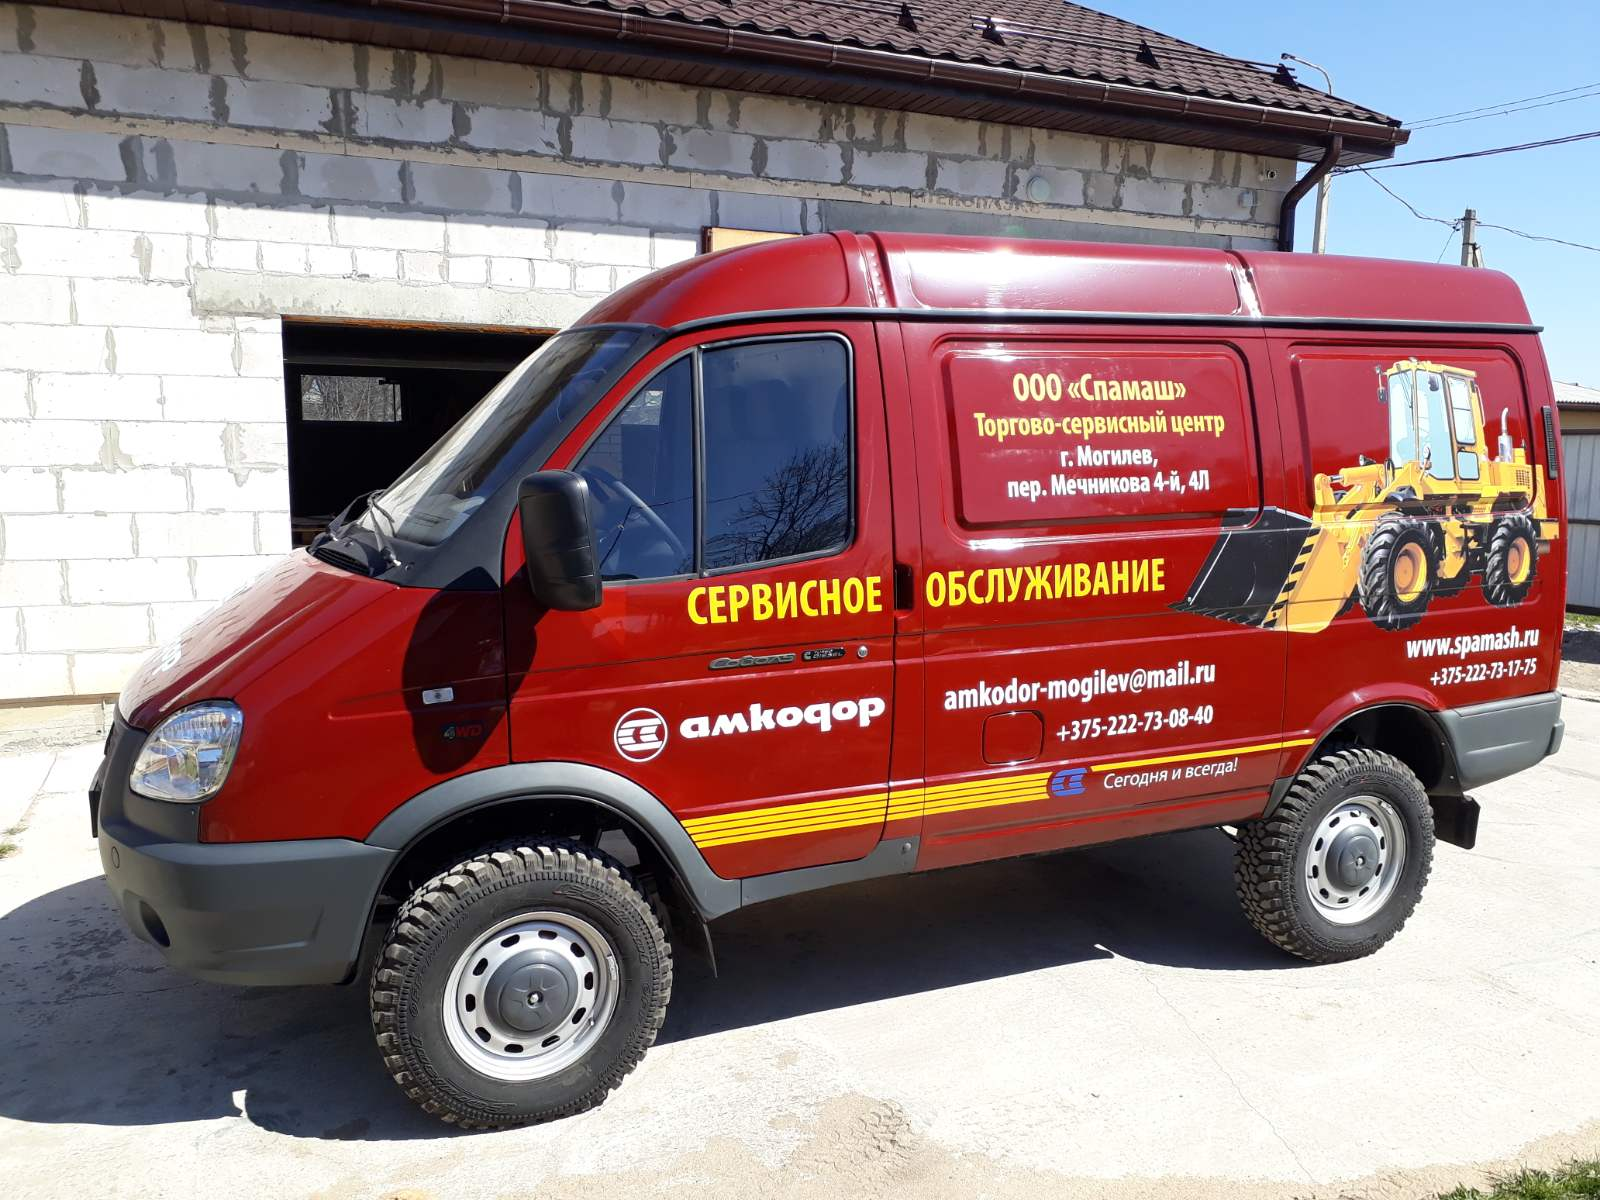 Техническое обслуживание и ремонт специальной техники.